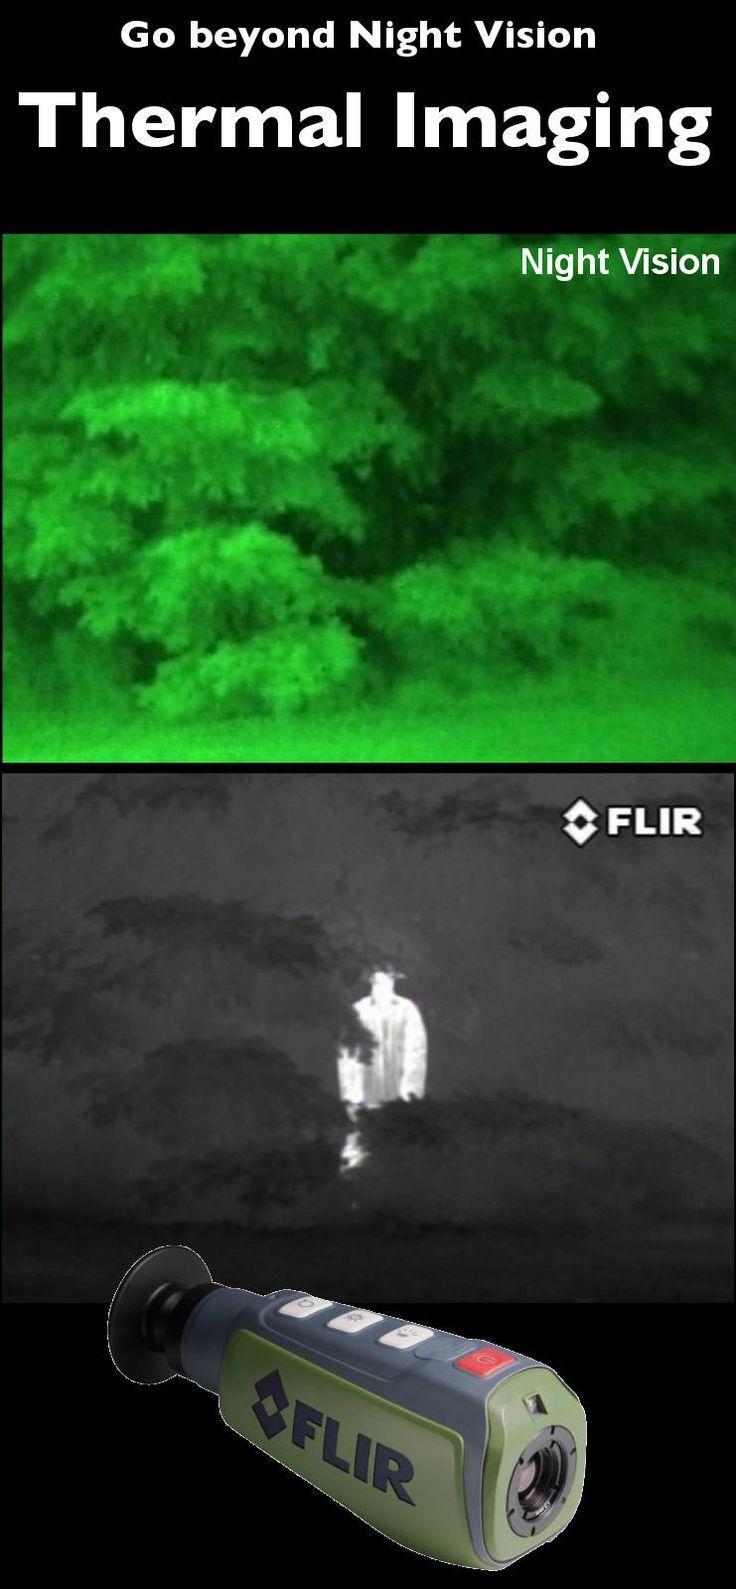 оптический прицел c4-12x50eg и инструкция к применению рифлескоп